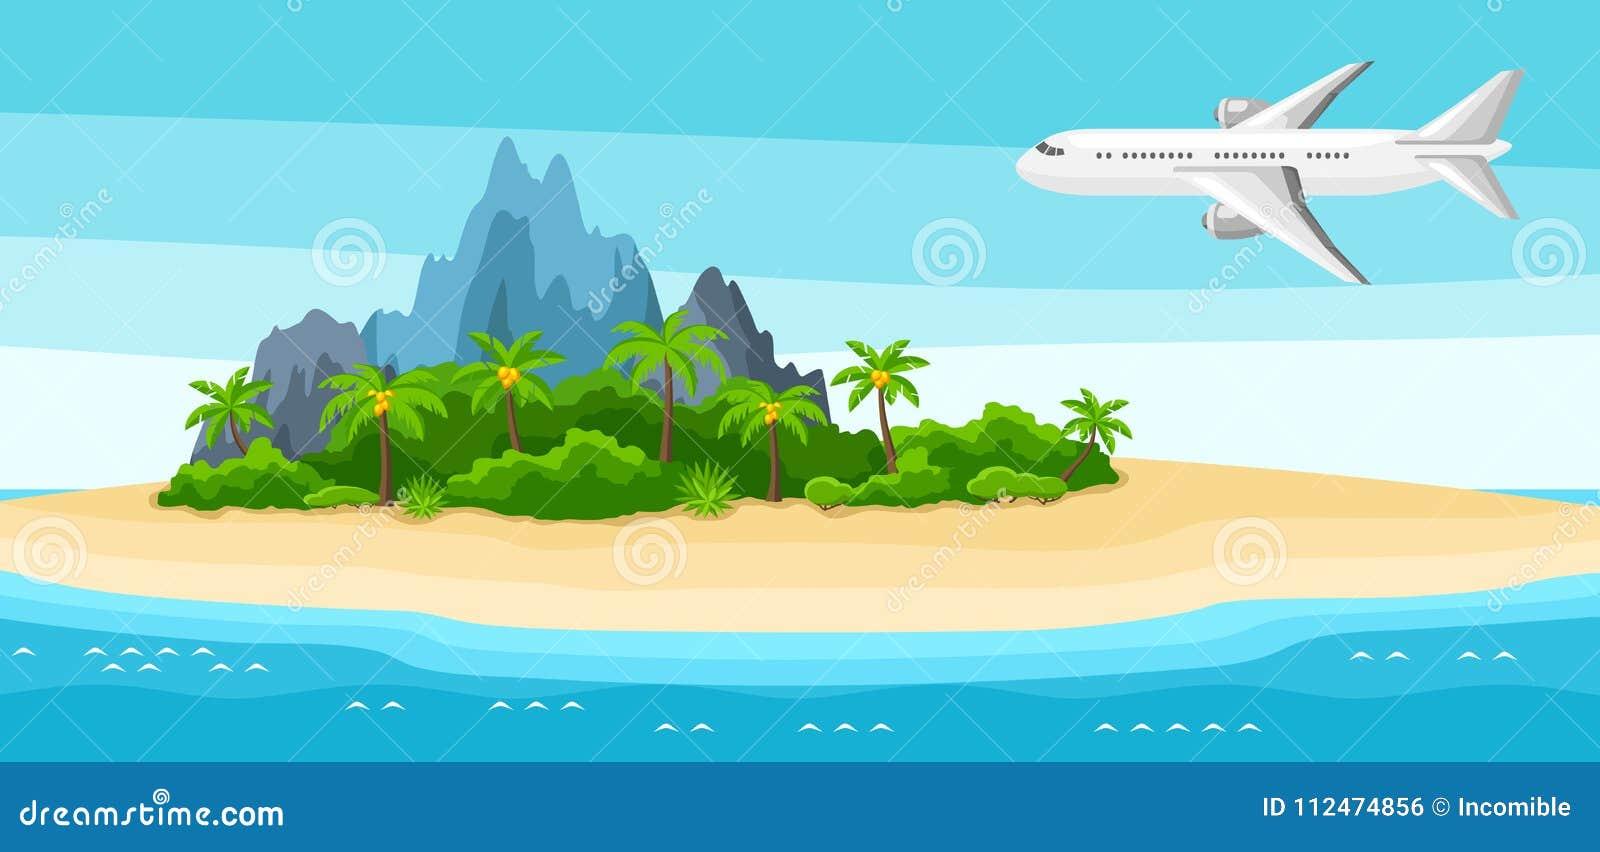 Ilustracja tropikalna wyspa w oceanie Krajobraz z samolotem, drzewkami palmowymi i skałami, tło portfolio więcej mój podróż